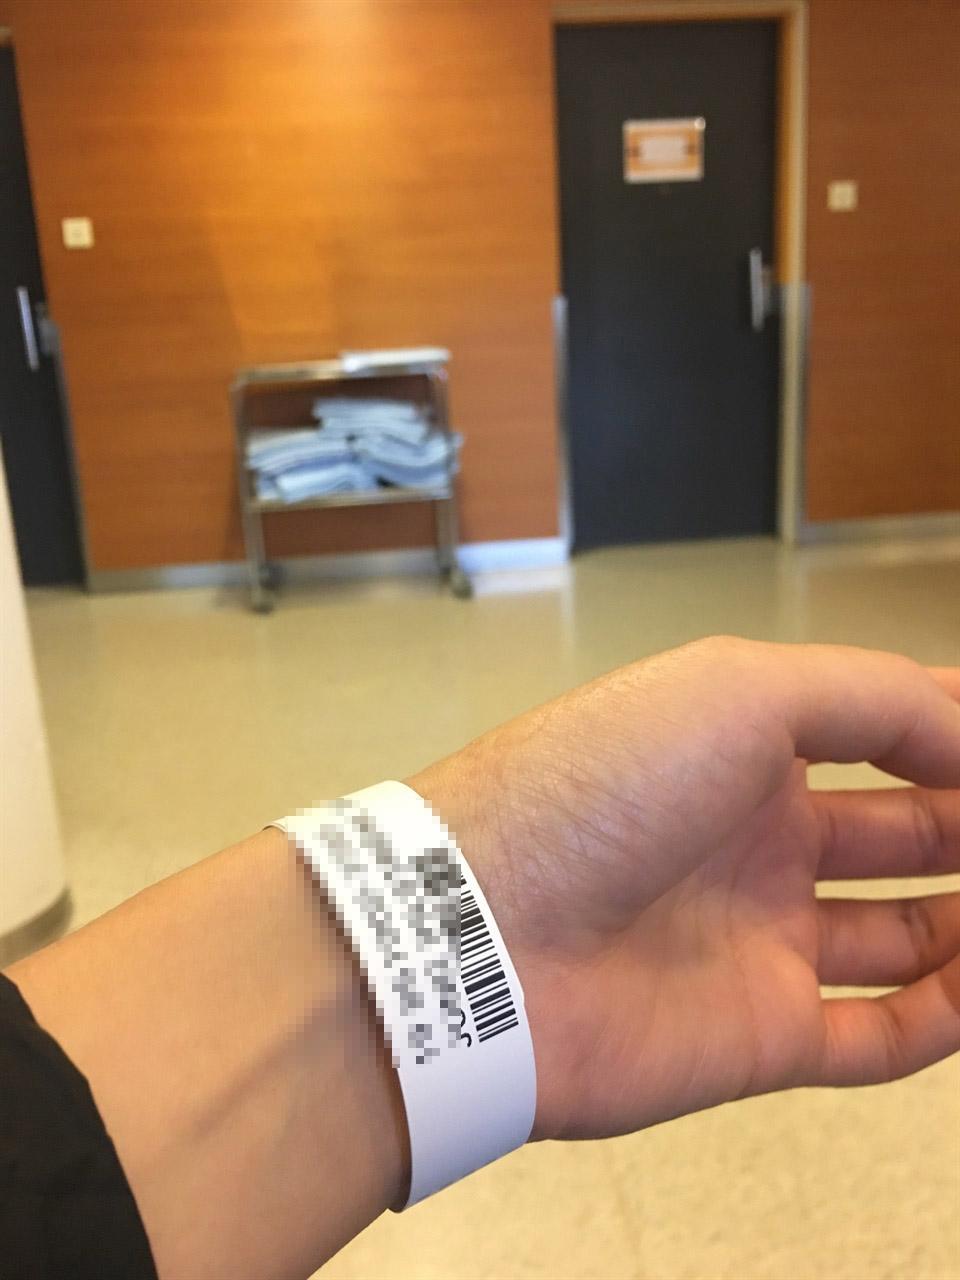 혹시 내 이름이 누락된 건 아닐까?  팔을 다쳐서 응급실에 갔을 때 찍은 사진. 내 이름을 언제 부를지 몰라 하염없이 기다려야 했다.